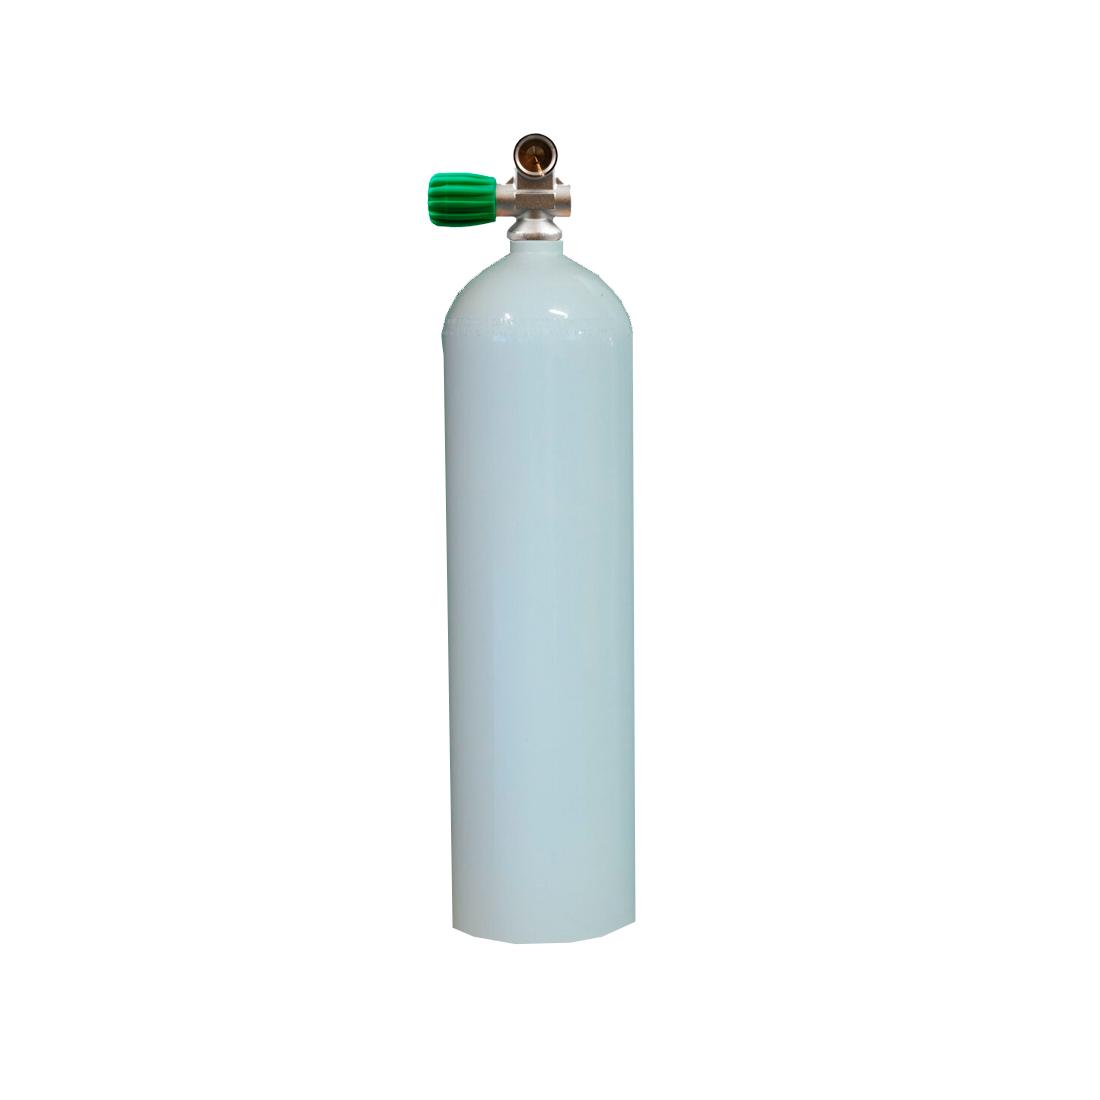 MES - Tauchgerät 7l 200Bar Aluflasche mit/ohne Ventil weiss